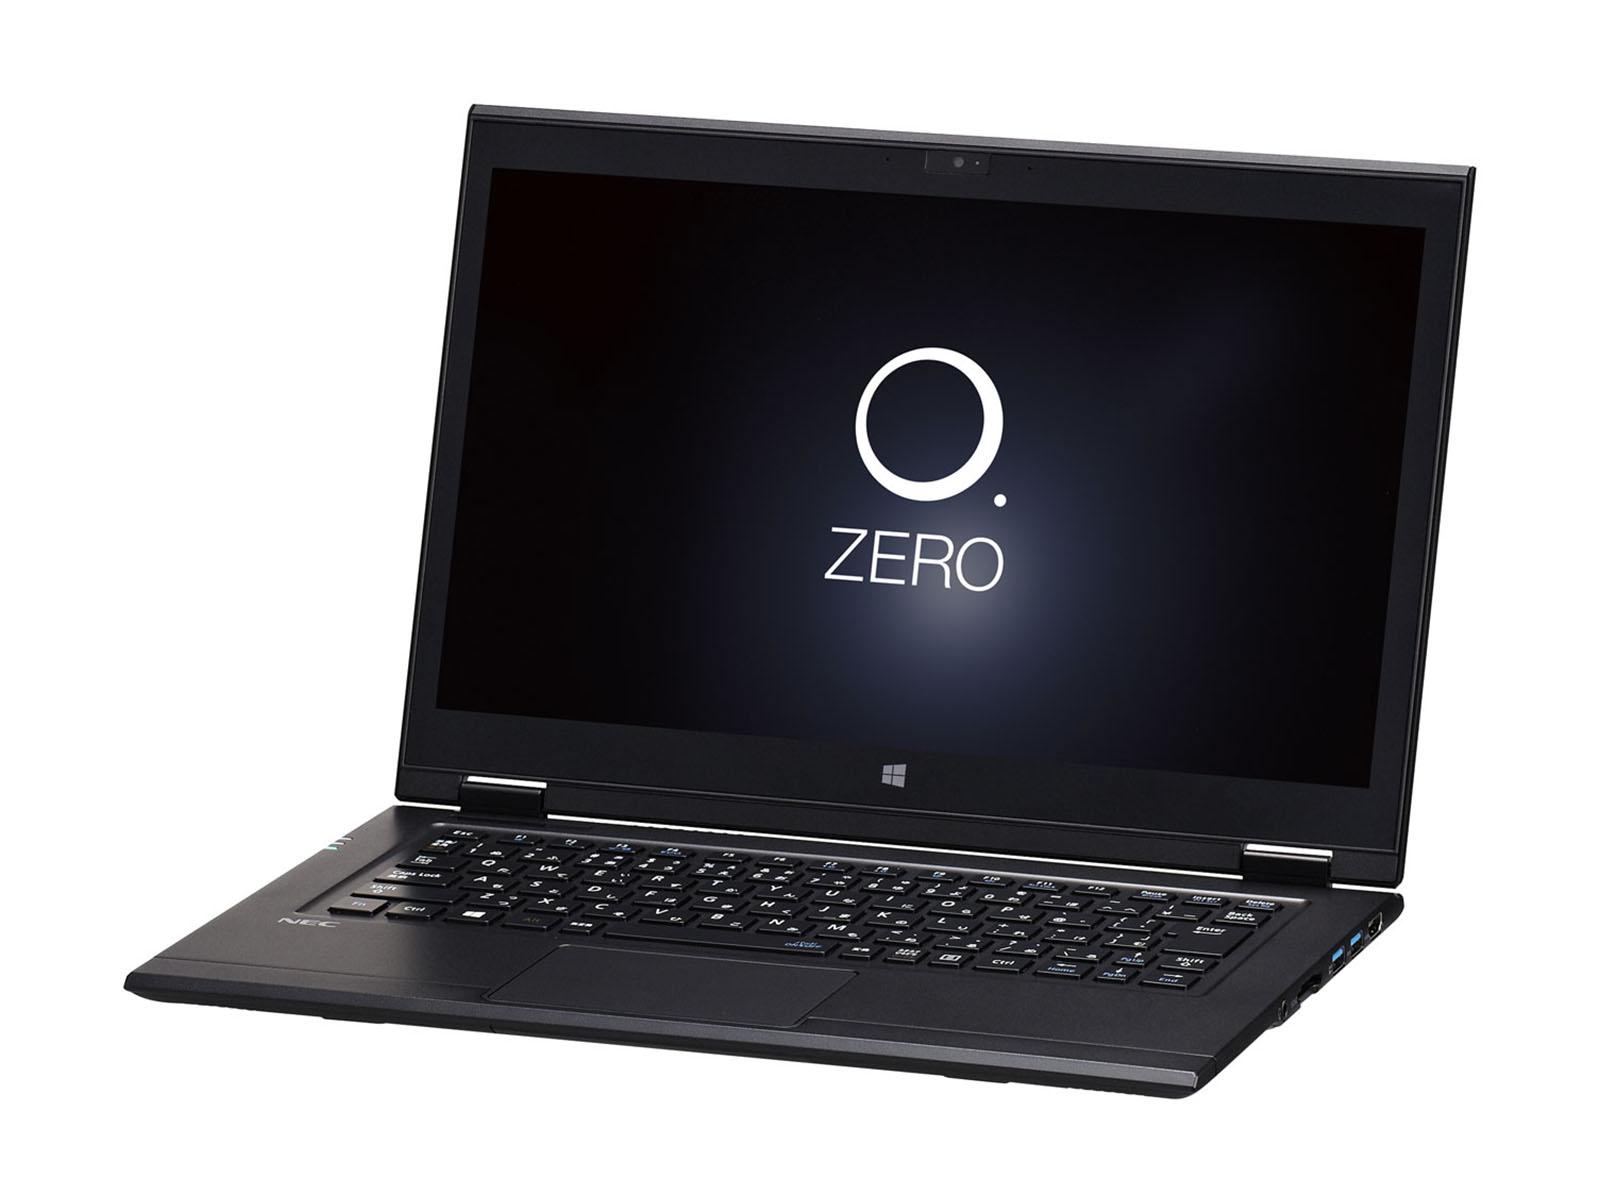 light-stylish-laptop-nec-lavie-hybrid-zero-hz750